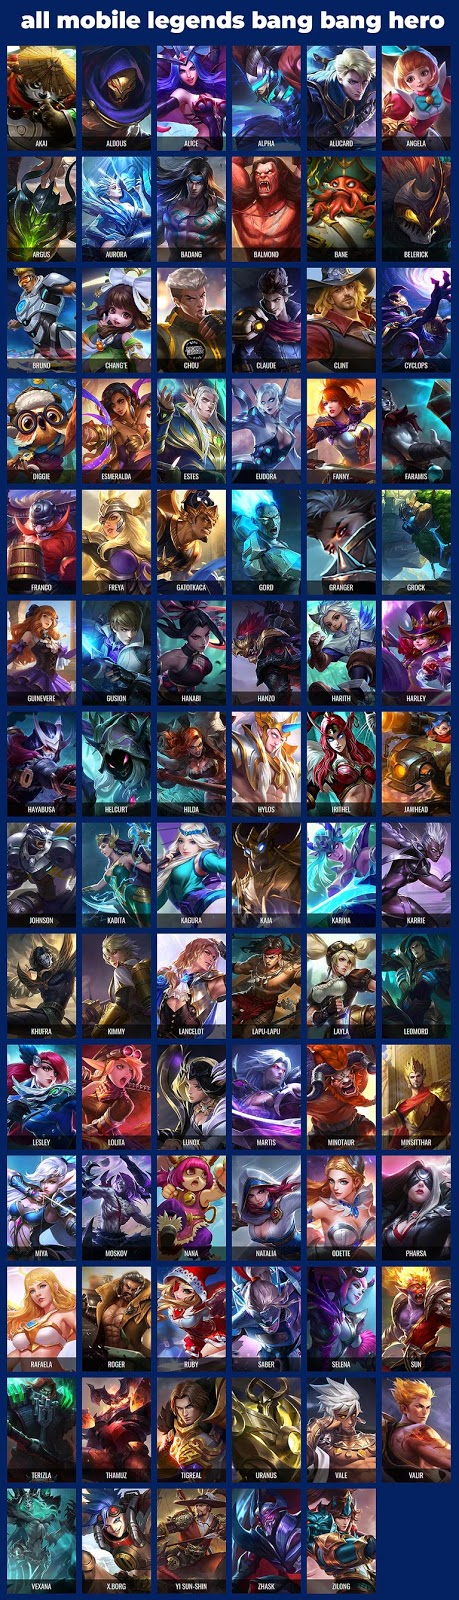 nama-nama-hero-mobile-legend-terbaru-lengkap